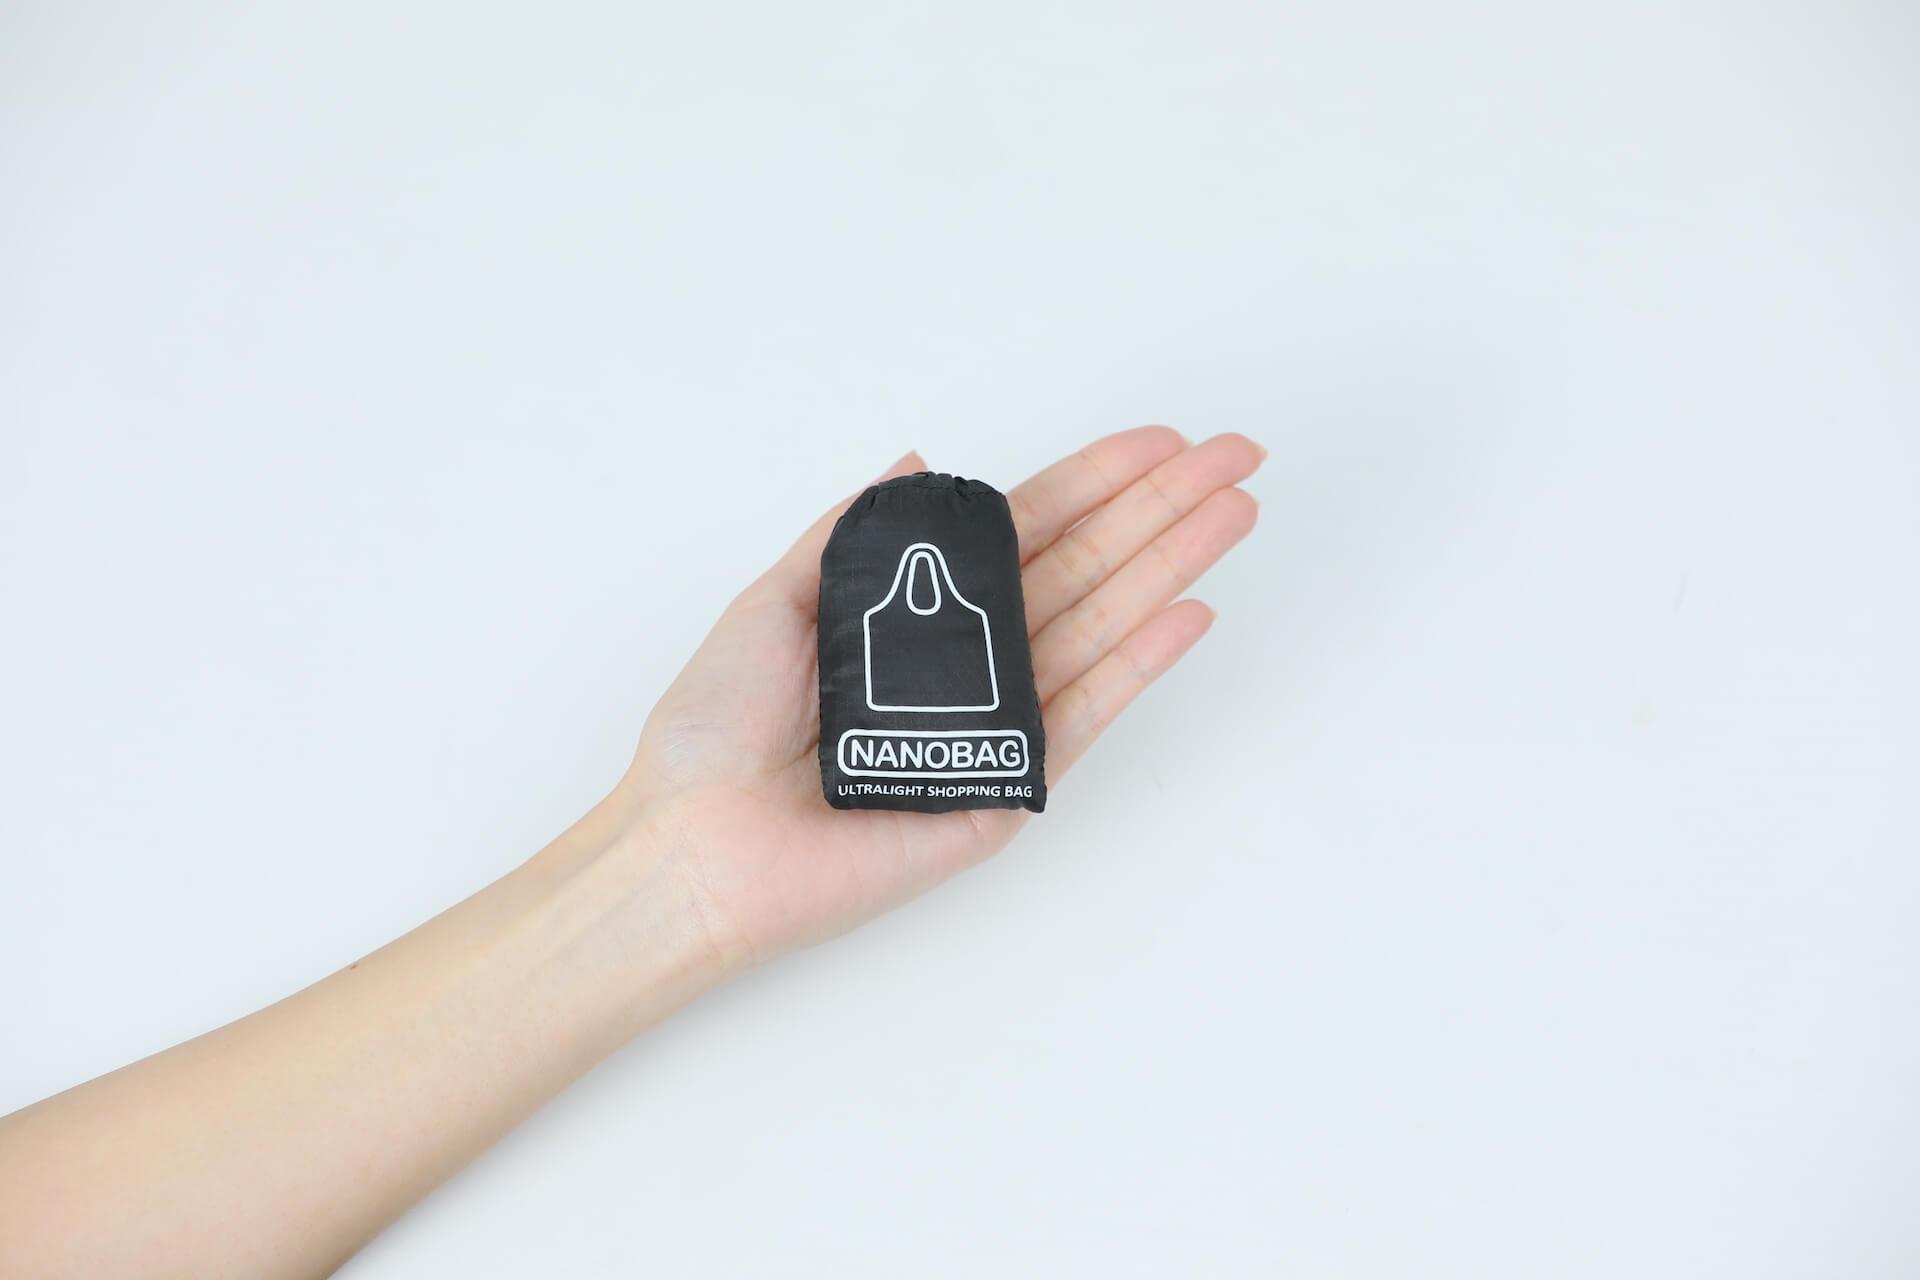 手のひらサイズのエコバッグ『NANOBAG』でお買い物しよう!全国販売を記念したTwitterプレゼントキャンペーンが実施 ac200714_nanobag_05